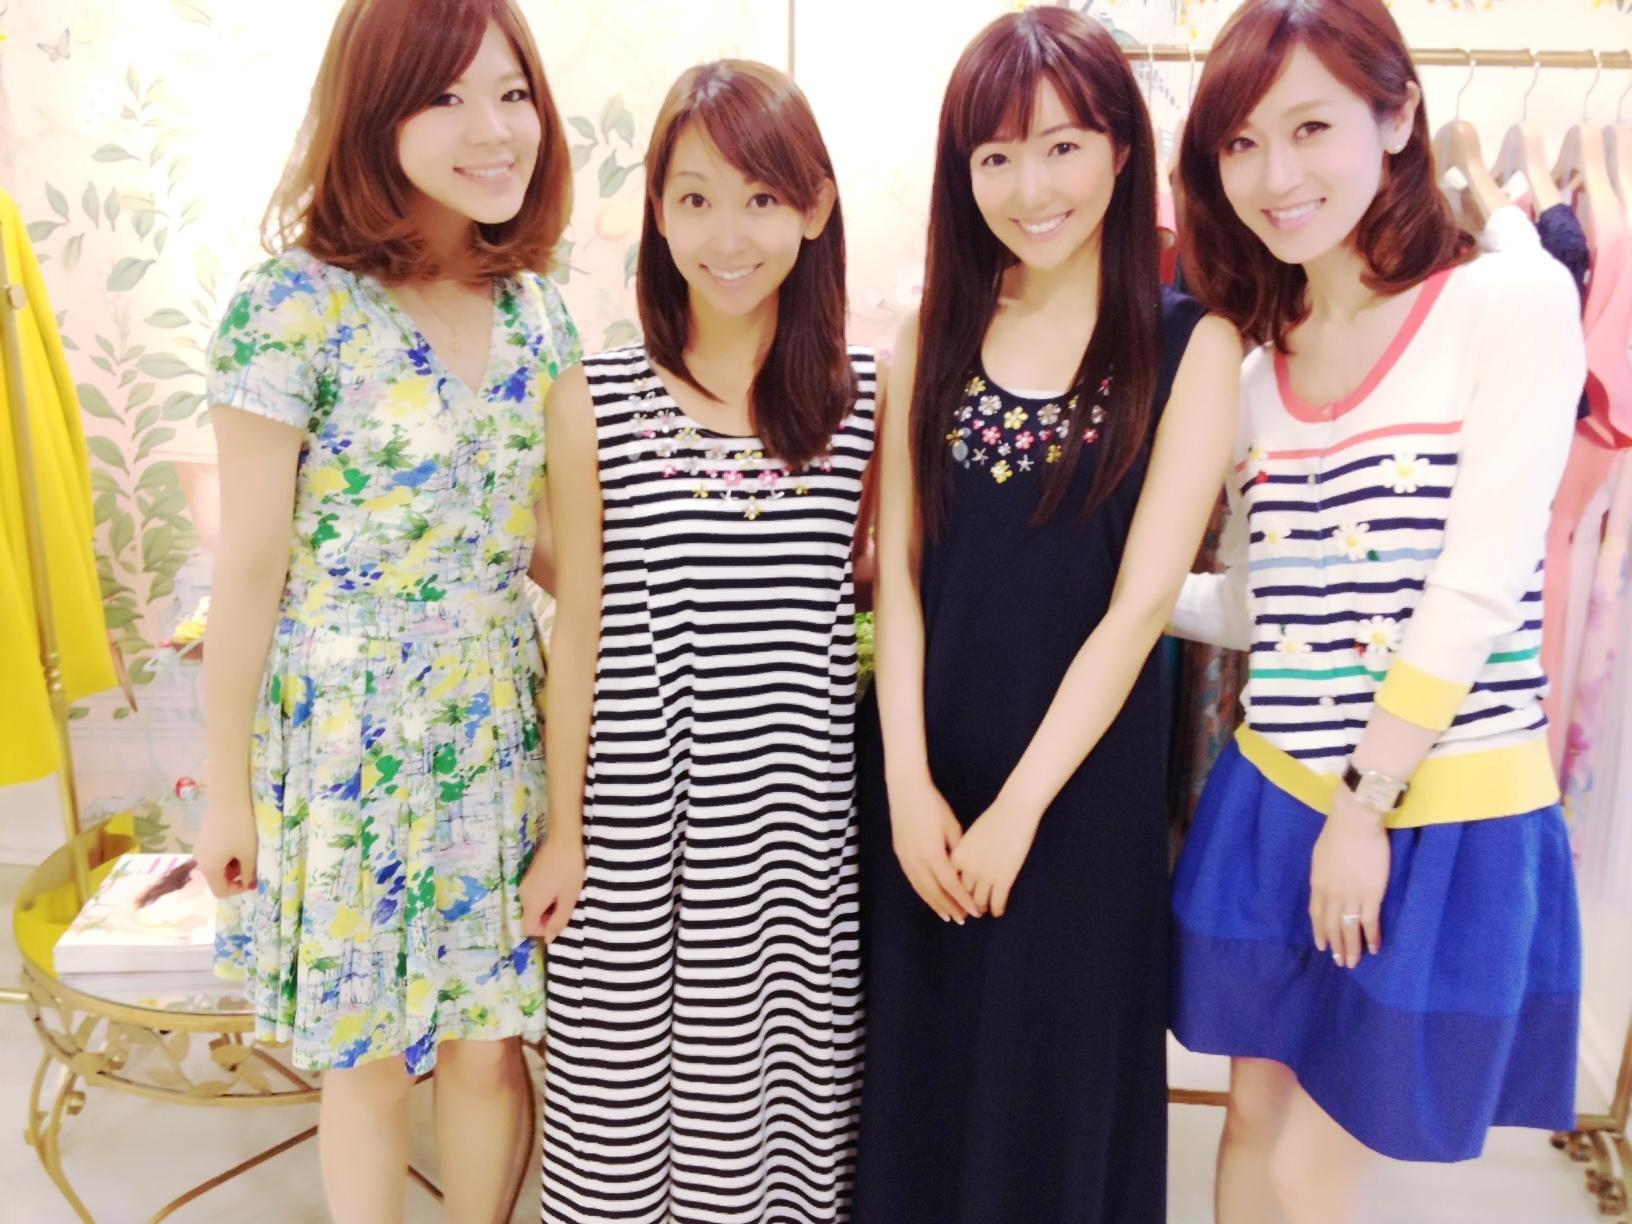 【あゆポン】松本あゆ美 part4【7PM】YouTube動画>2本 ->画像>427枚